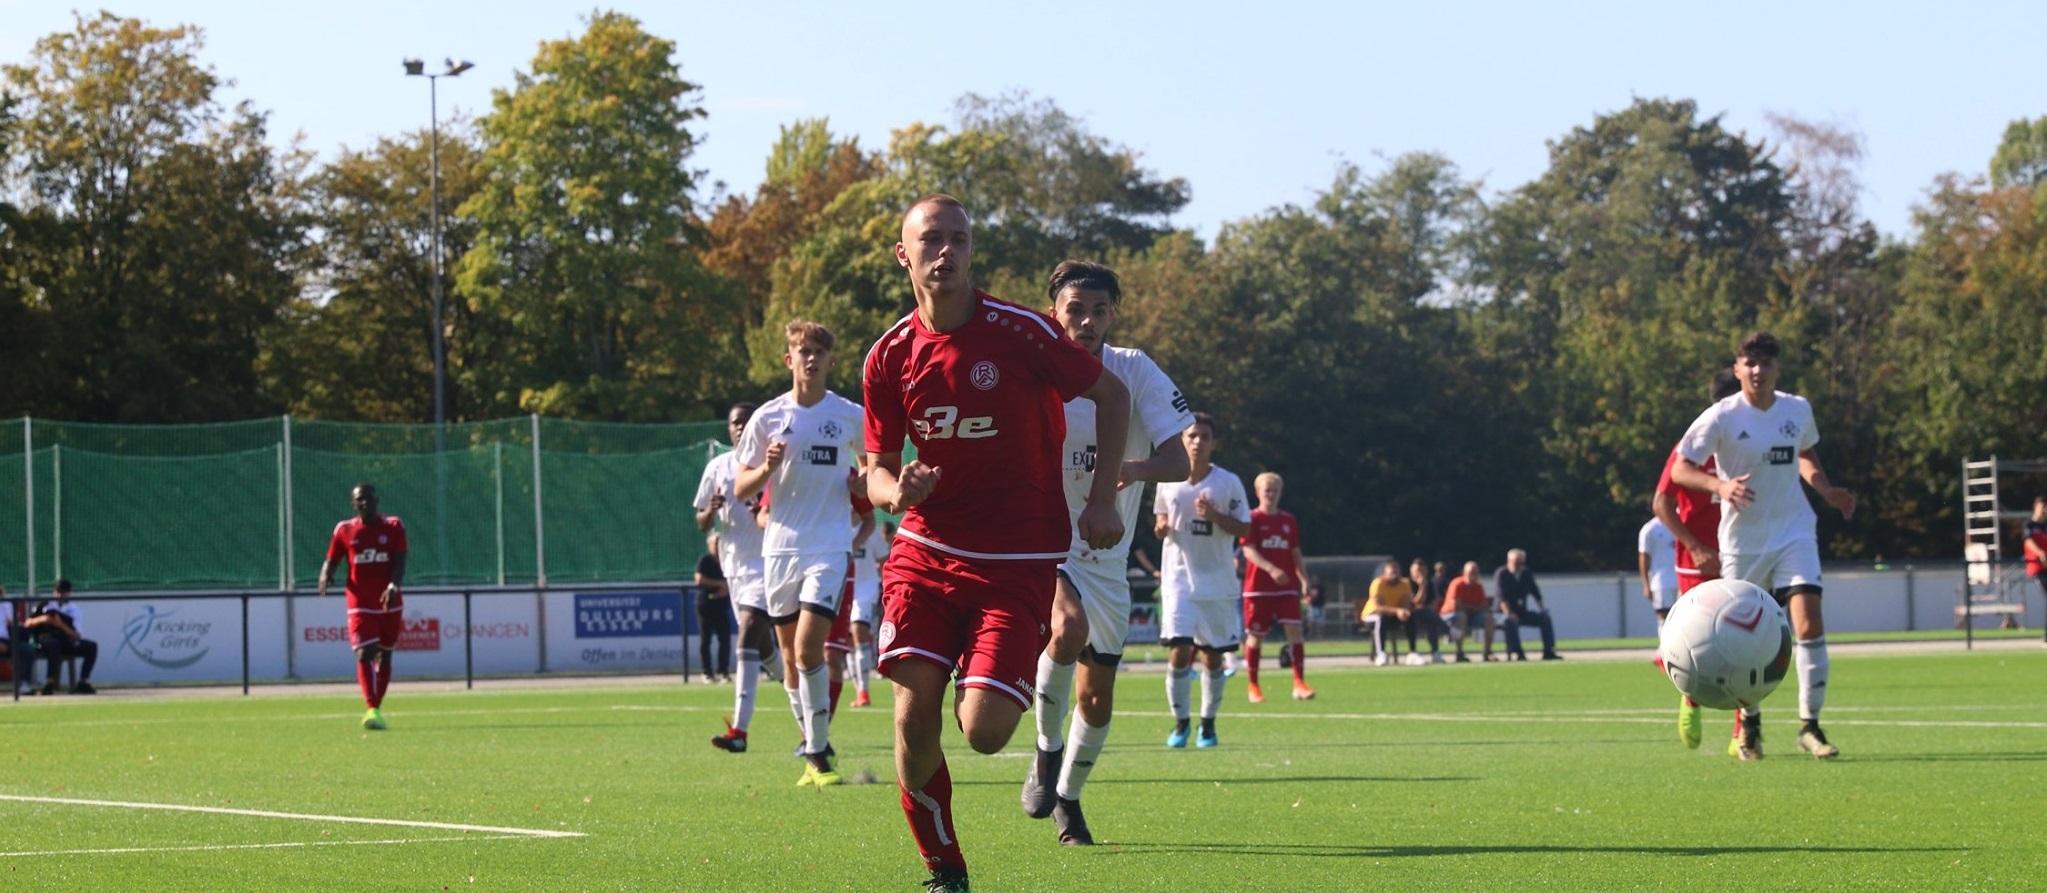 U19 mit Unentschieden im letzten Spiel des Jahres. (Foto: Breilmannswiese)